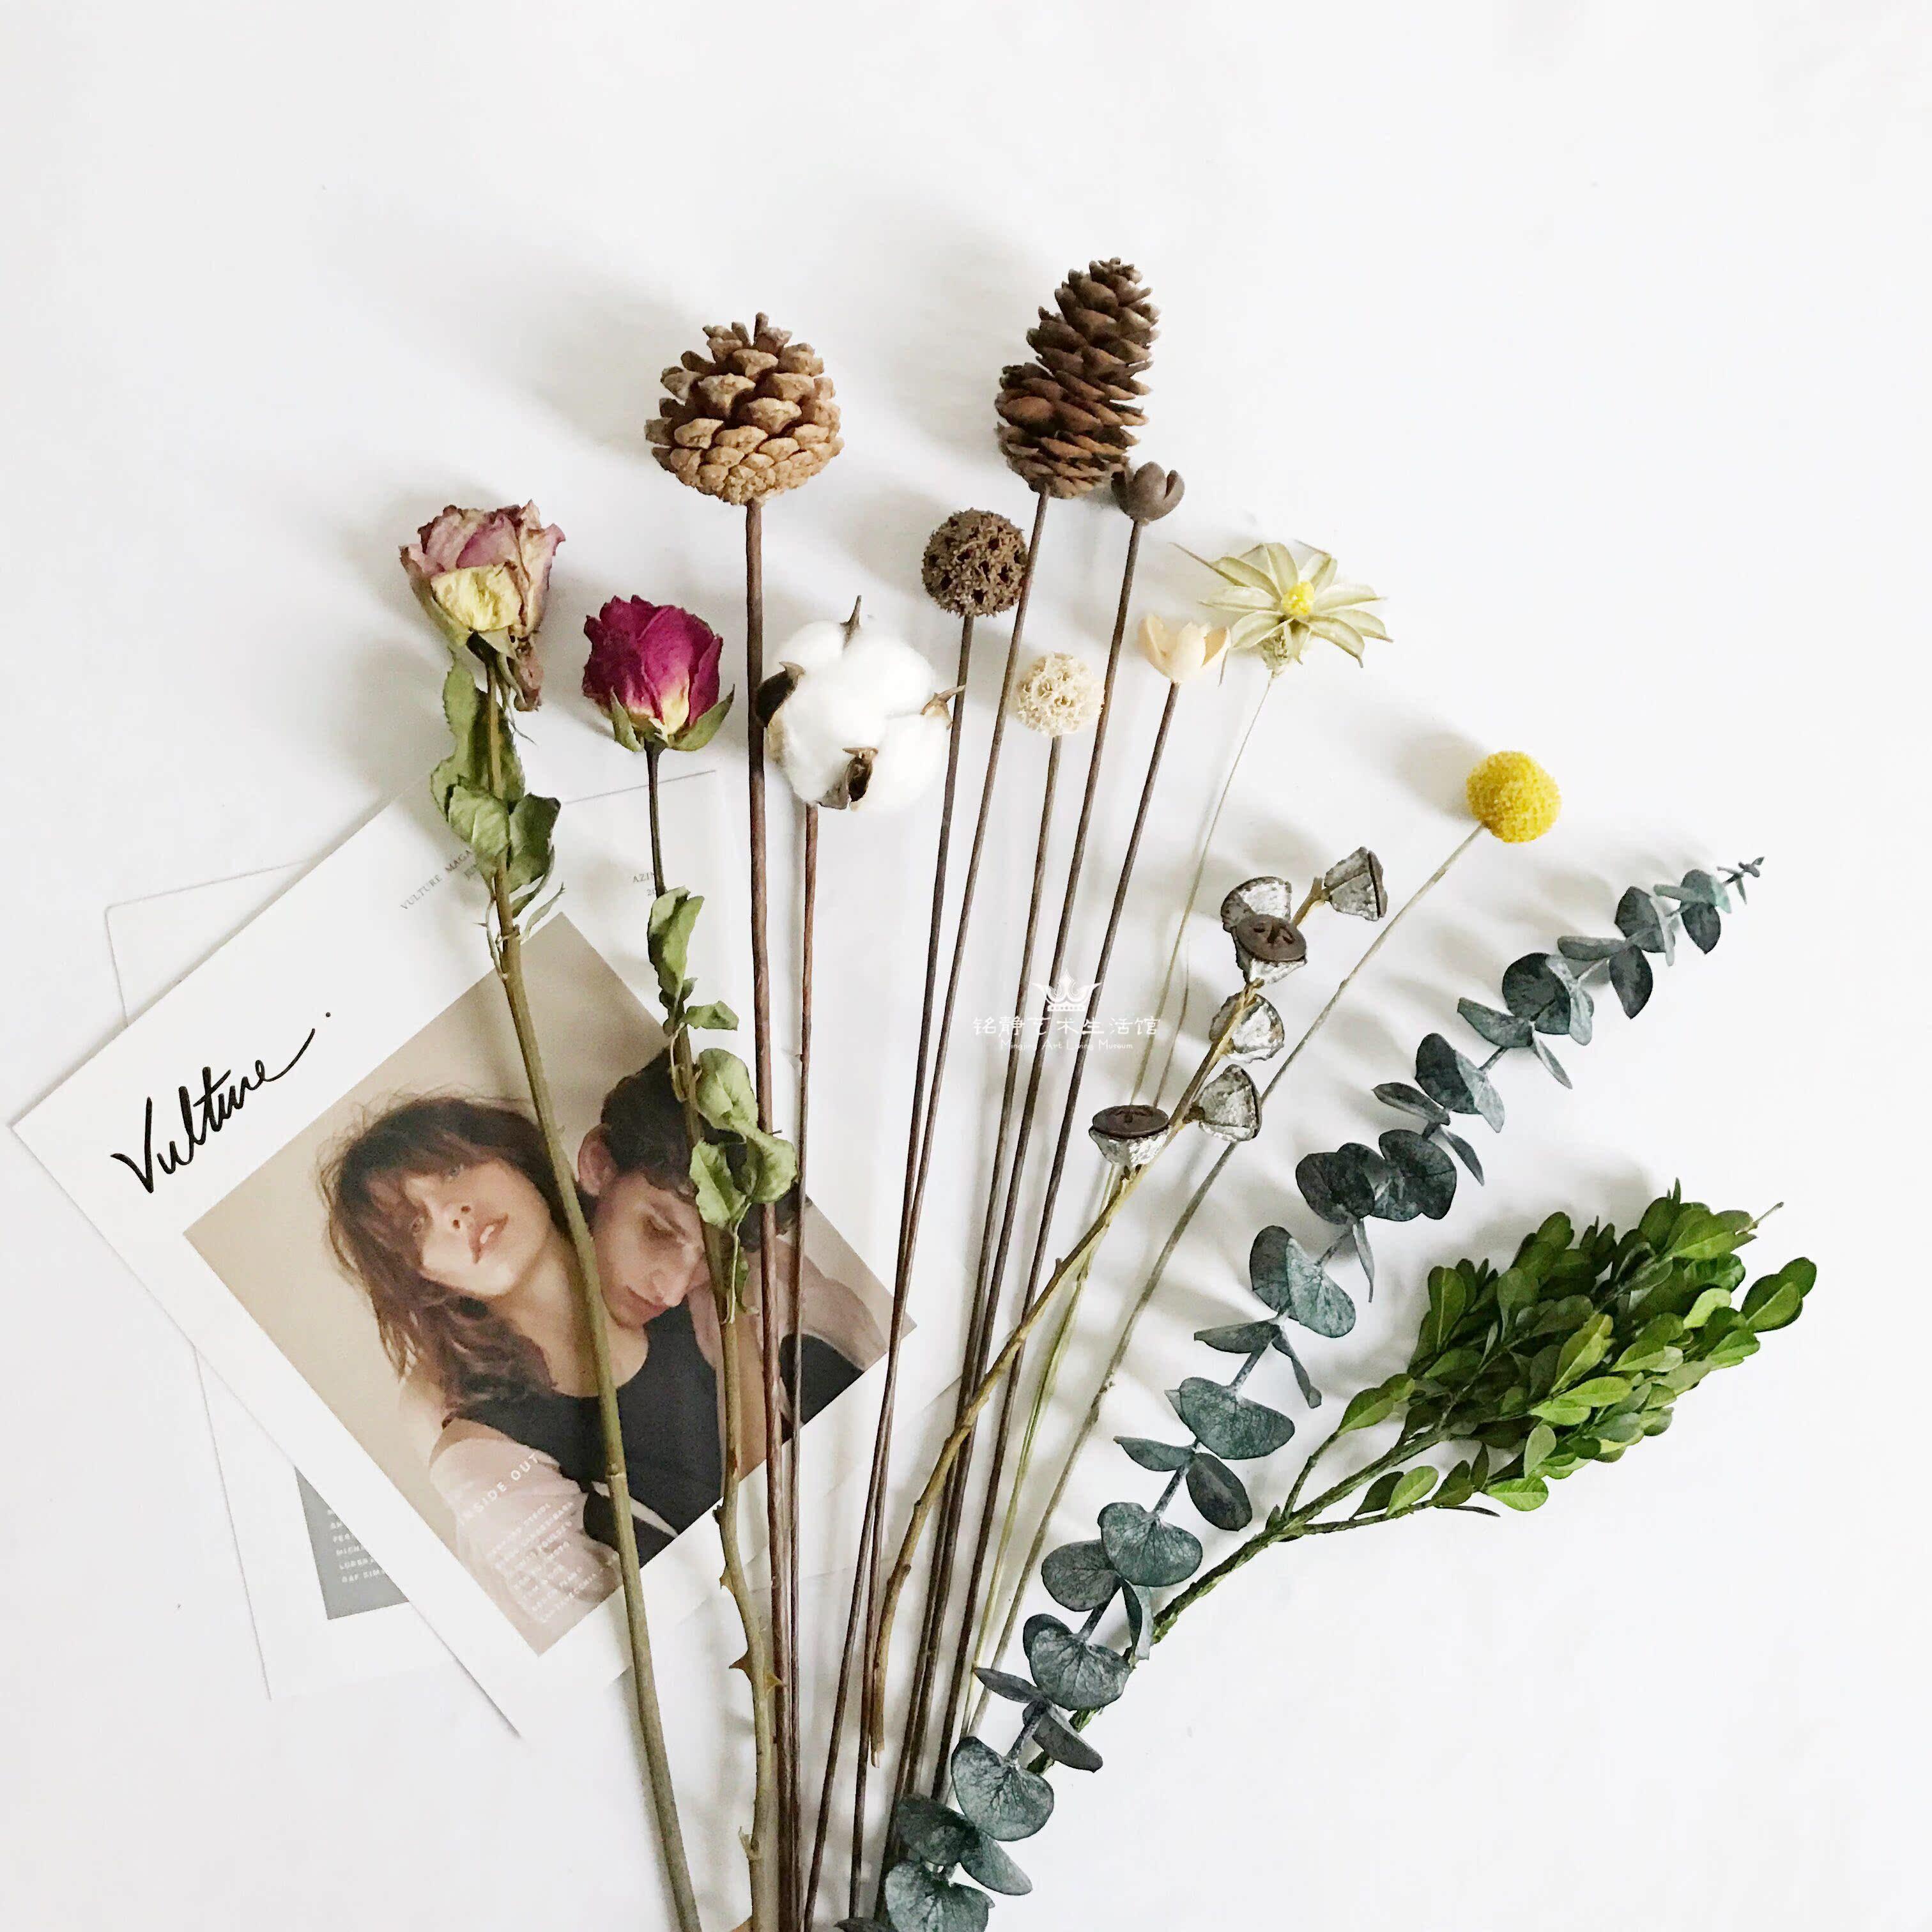 Природный сухие цветы эхинацея свободный башня эвкалипт открытая улыбка паспарту домой декоративный литература и искусство сухие цветы фотографировать фон